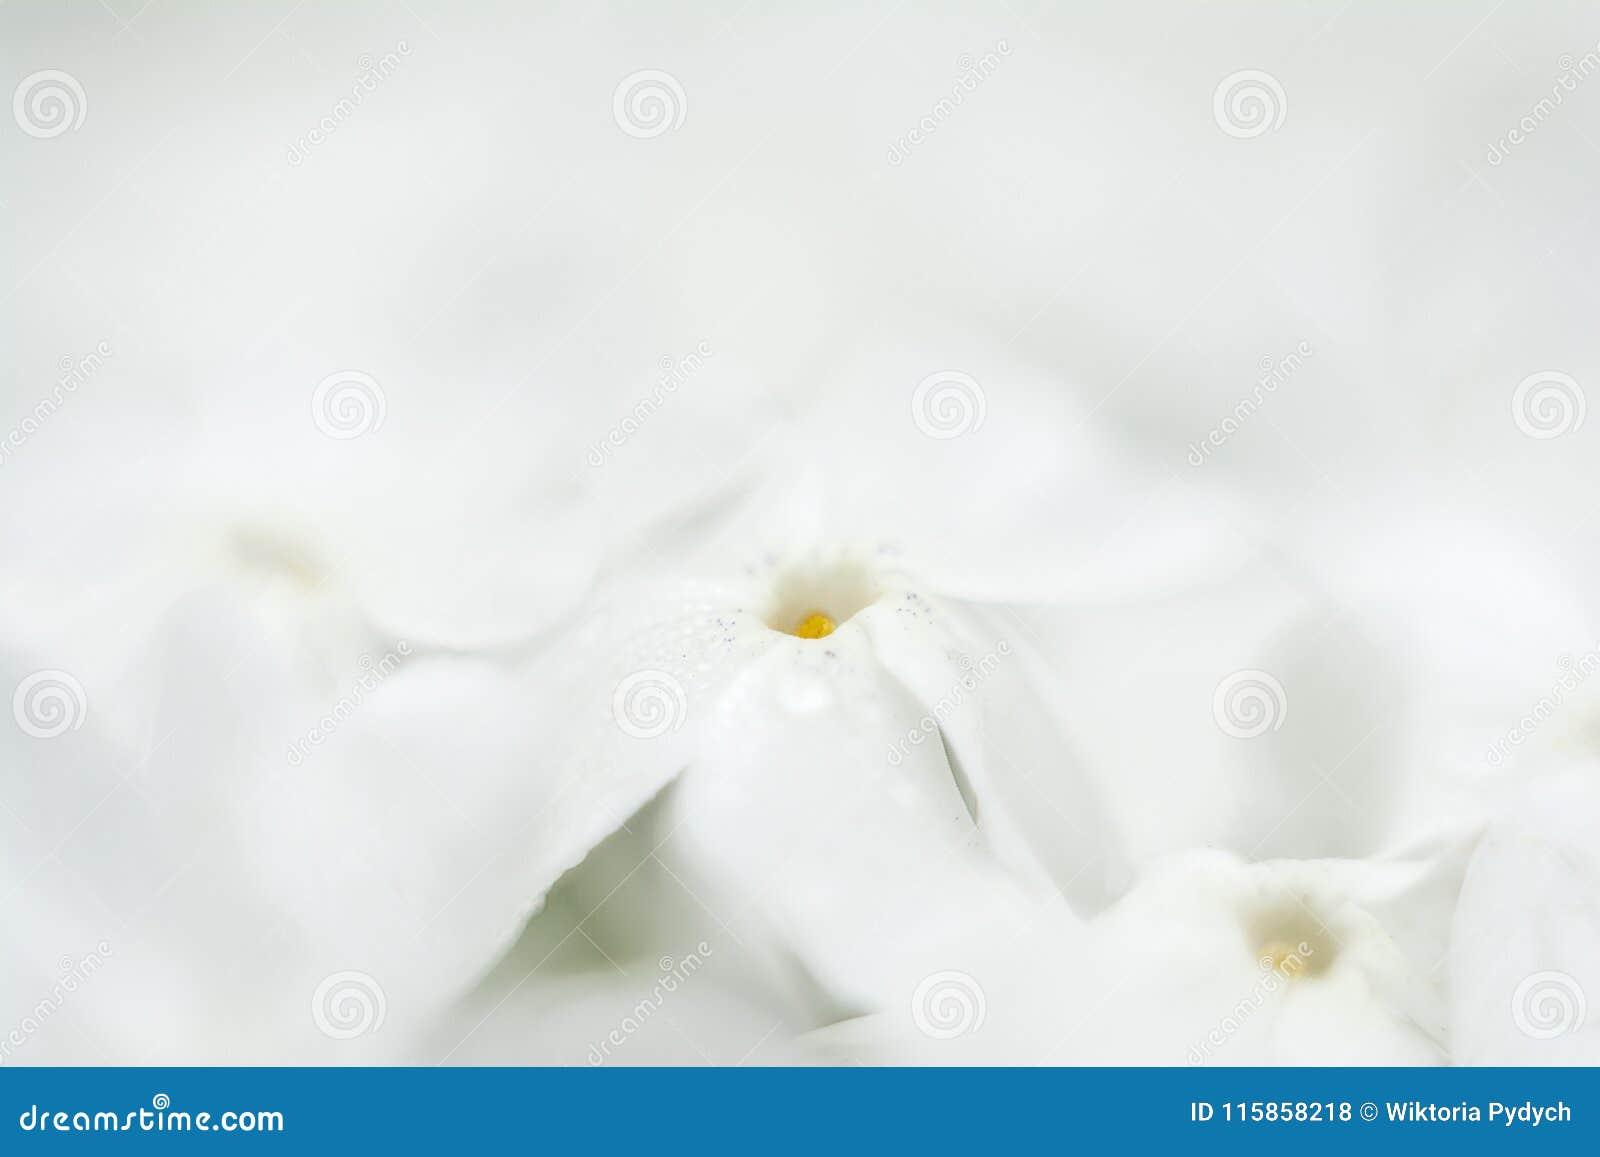 A Sea Of White Flowers Stock Photo Image Of Botanic 115858218